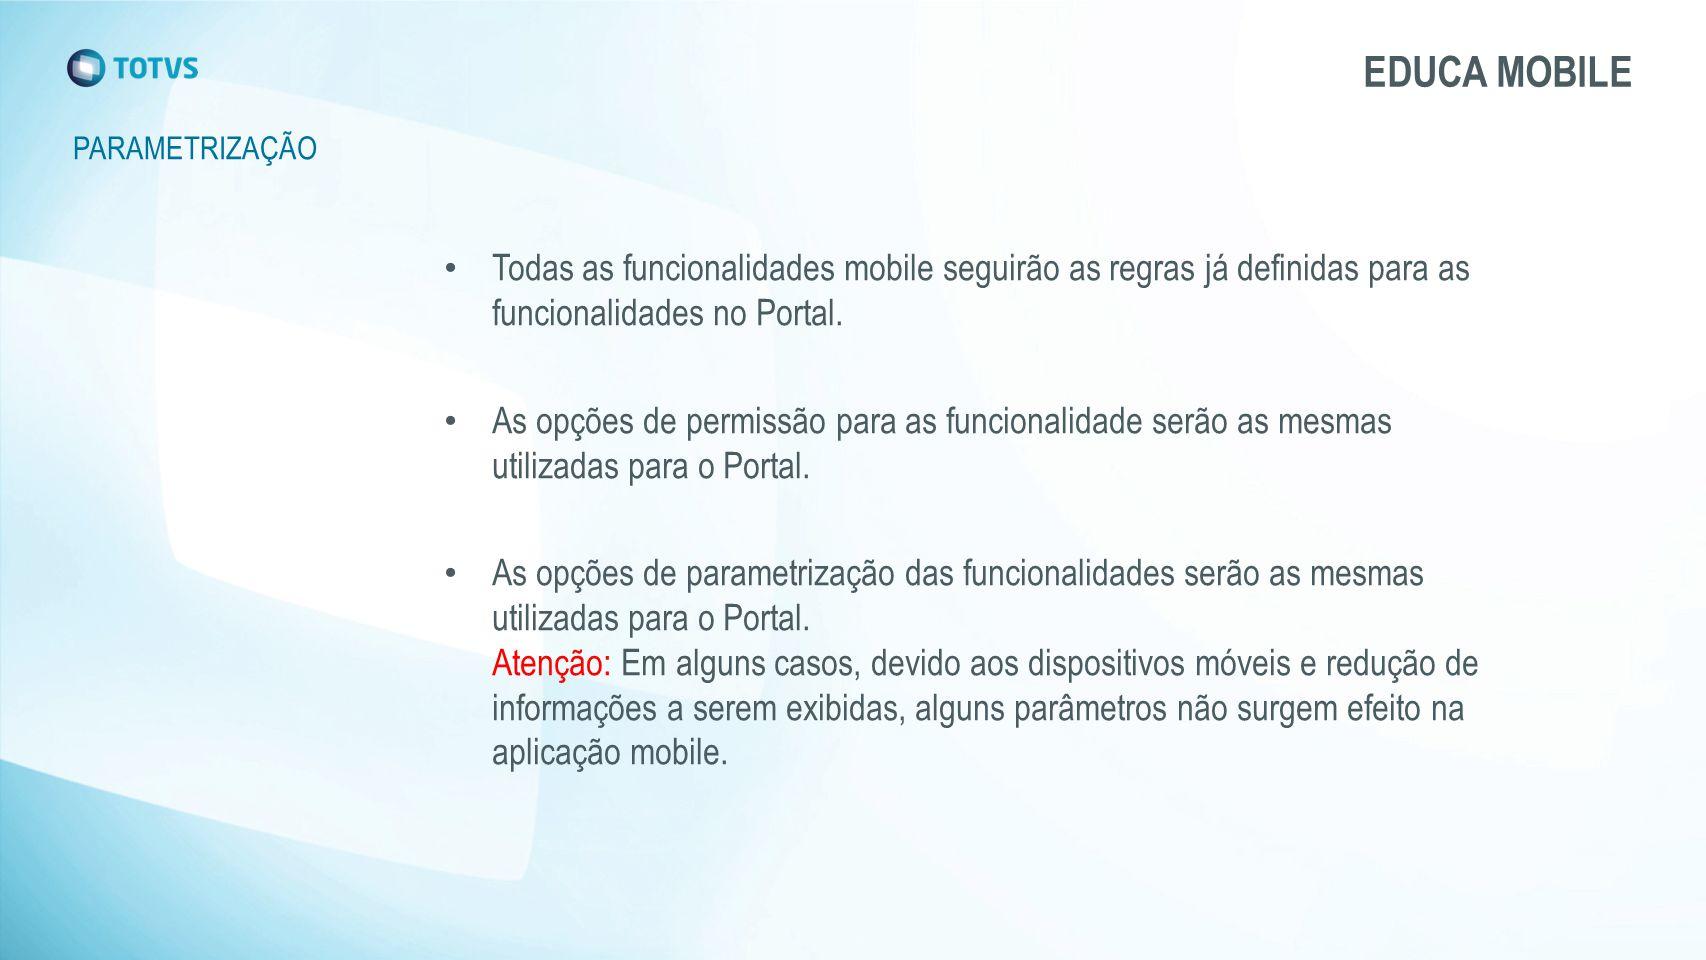 EDUCA MOBILE PARAMETRIZAÇÃO. Todas as funcionalidades mobile seguirão as regras já definidas para as funcionalidades no Portal.